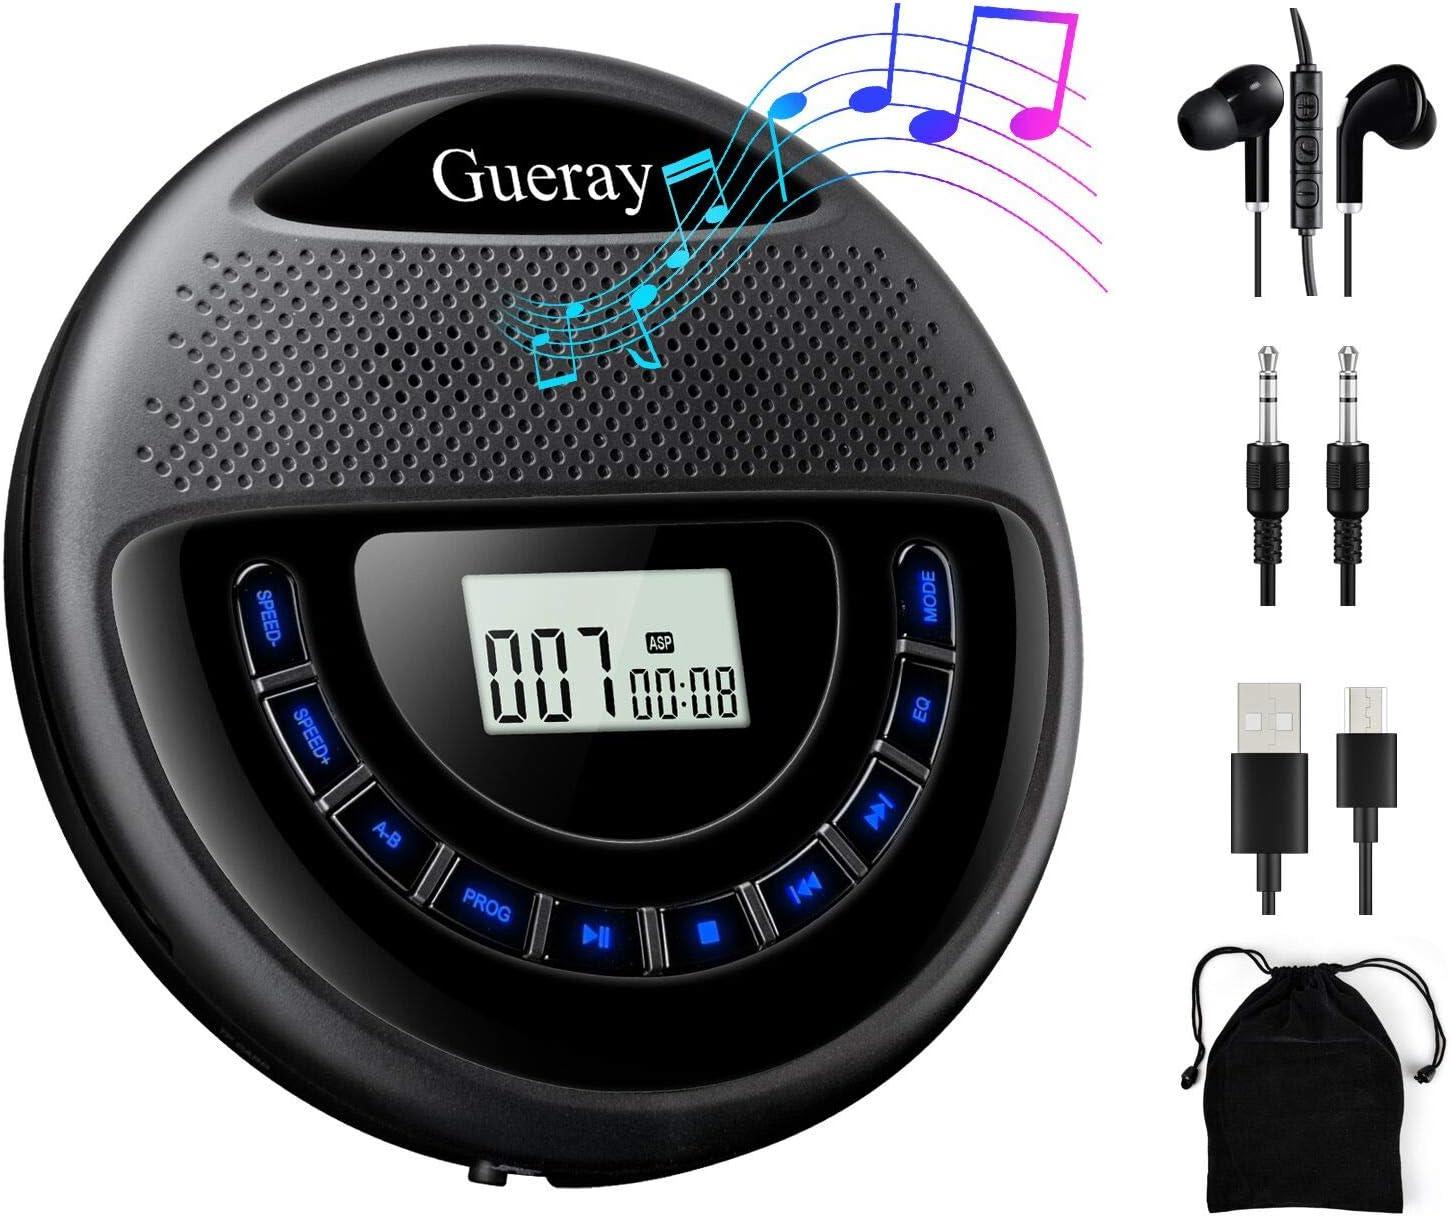 Gueray Reproductor de CD Portátil con Estéreo Altavoz y batería de Litio de 1400 mAh Incorporada y Auricular Apoyo para Reproducción de Tarjeta TF